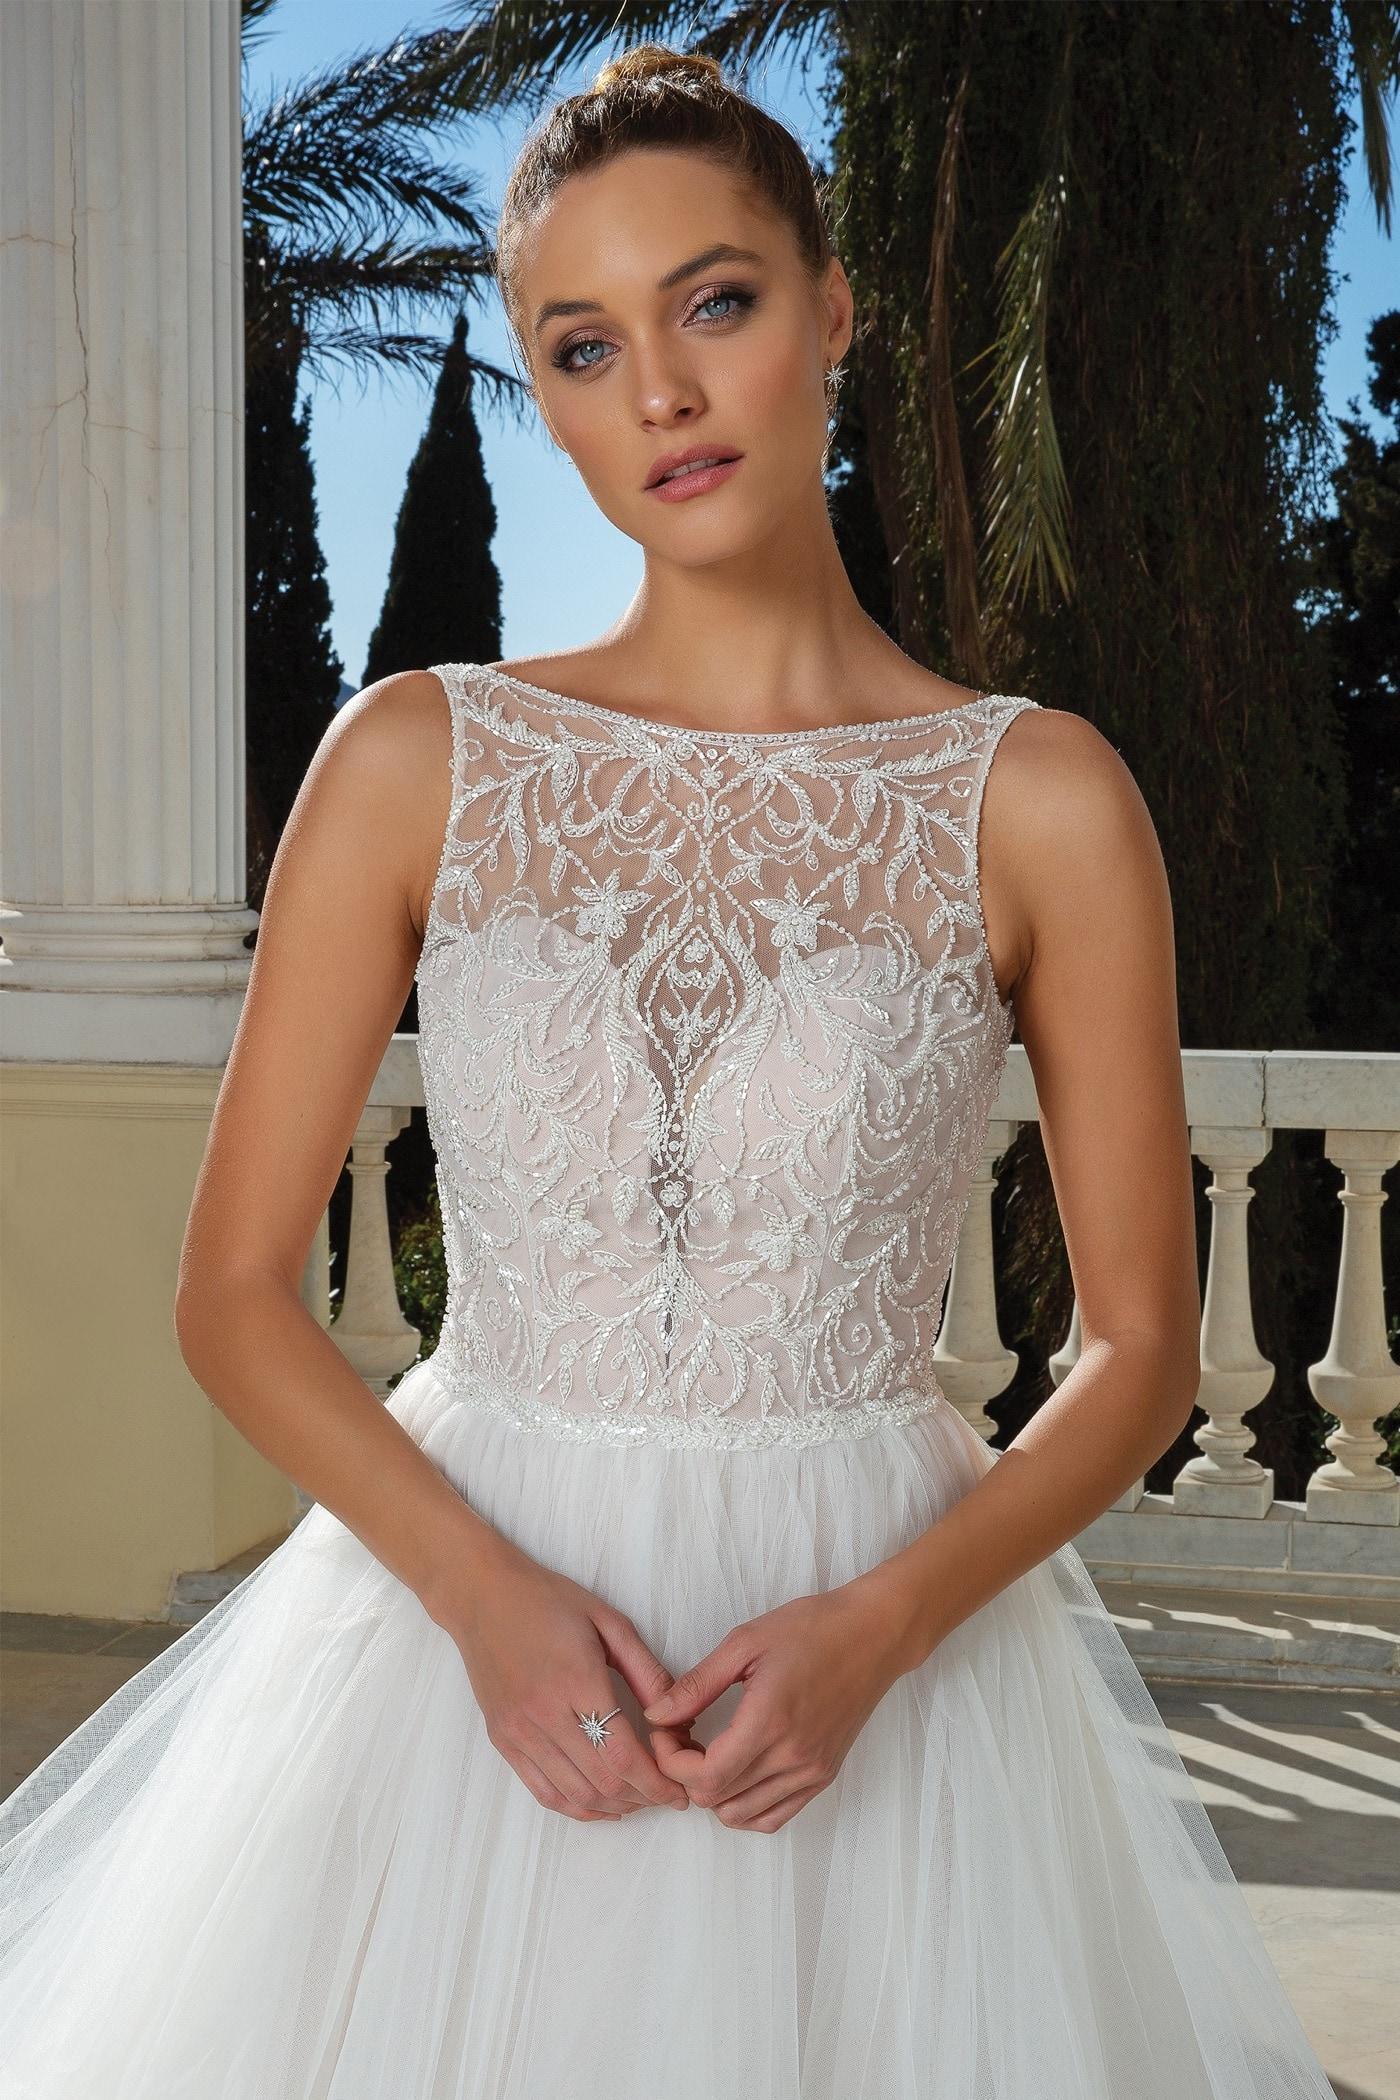 Brautkleid im Prinzessschnitt mit Volants, Illusion-Ausschnitt, Perlenstickereien, tiefem Rücken und Schleppe von Justin Alexander, Modell 88125